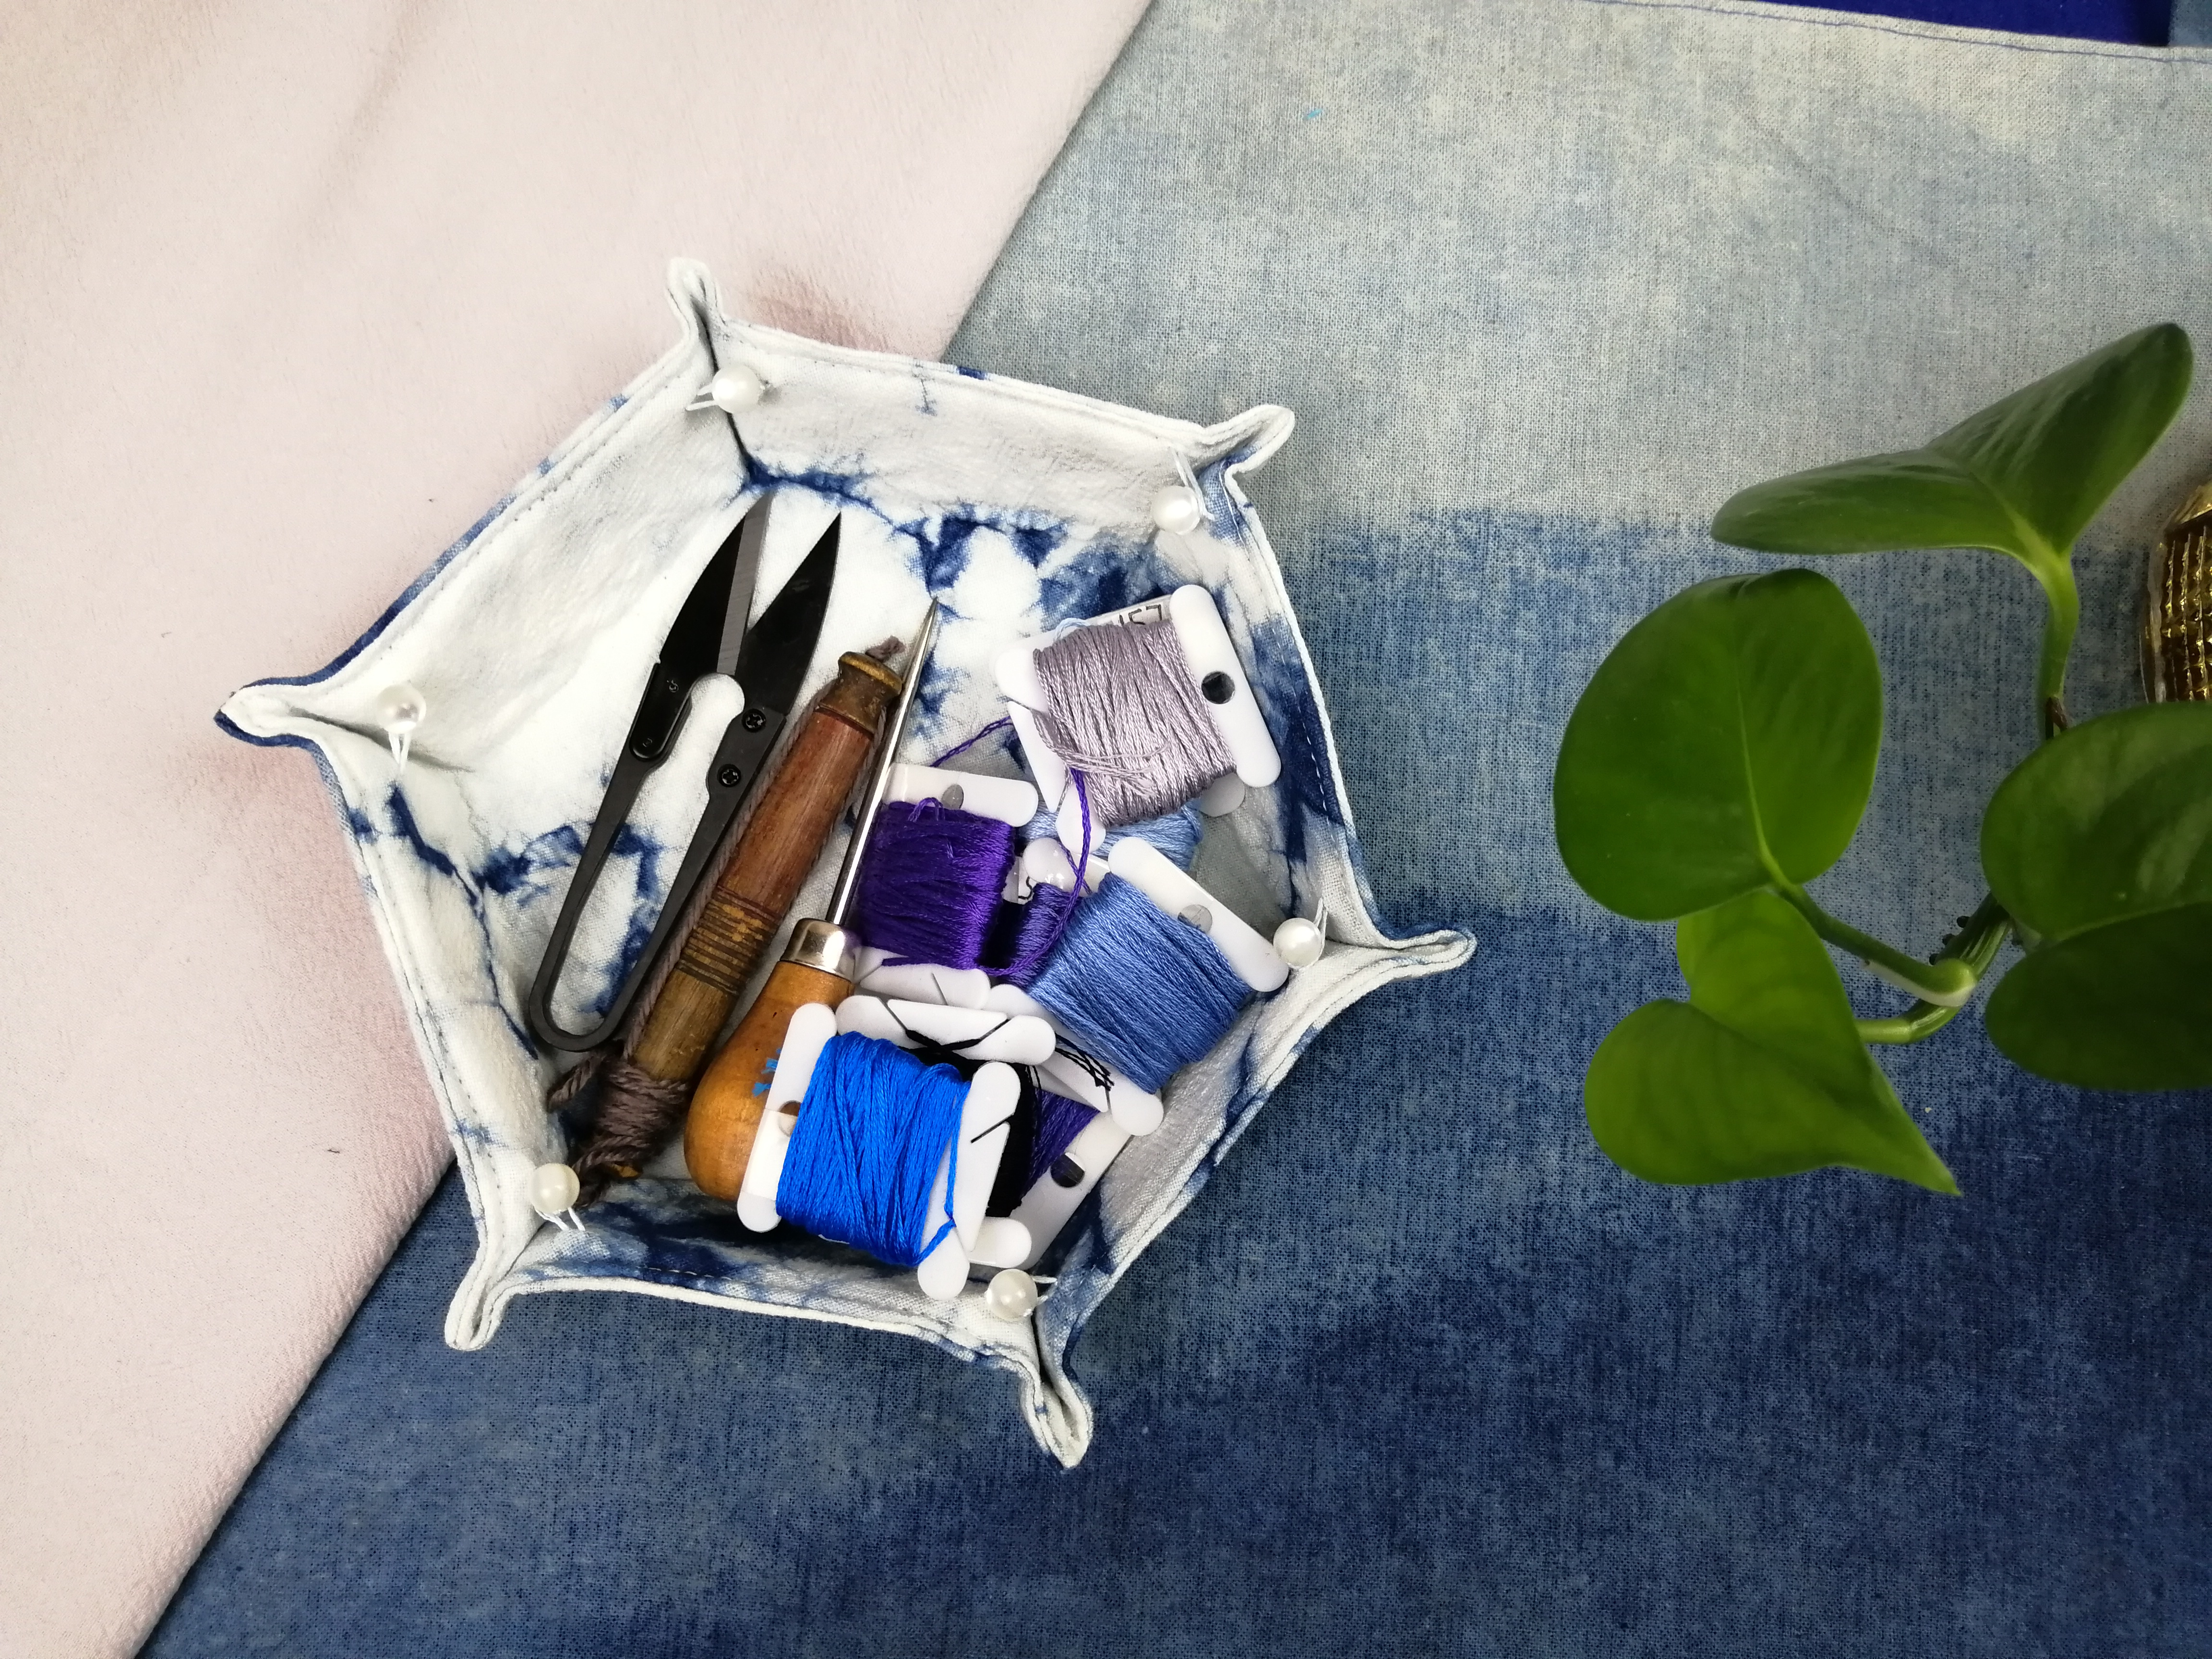 蓝染系列教程 | 04期:迷你收纳盘,给你的小物件找个容身之所